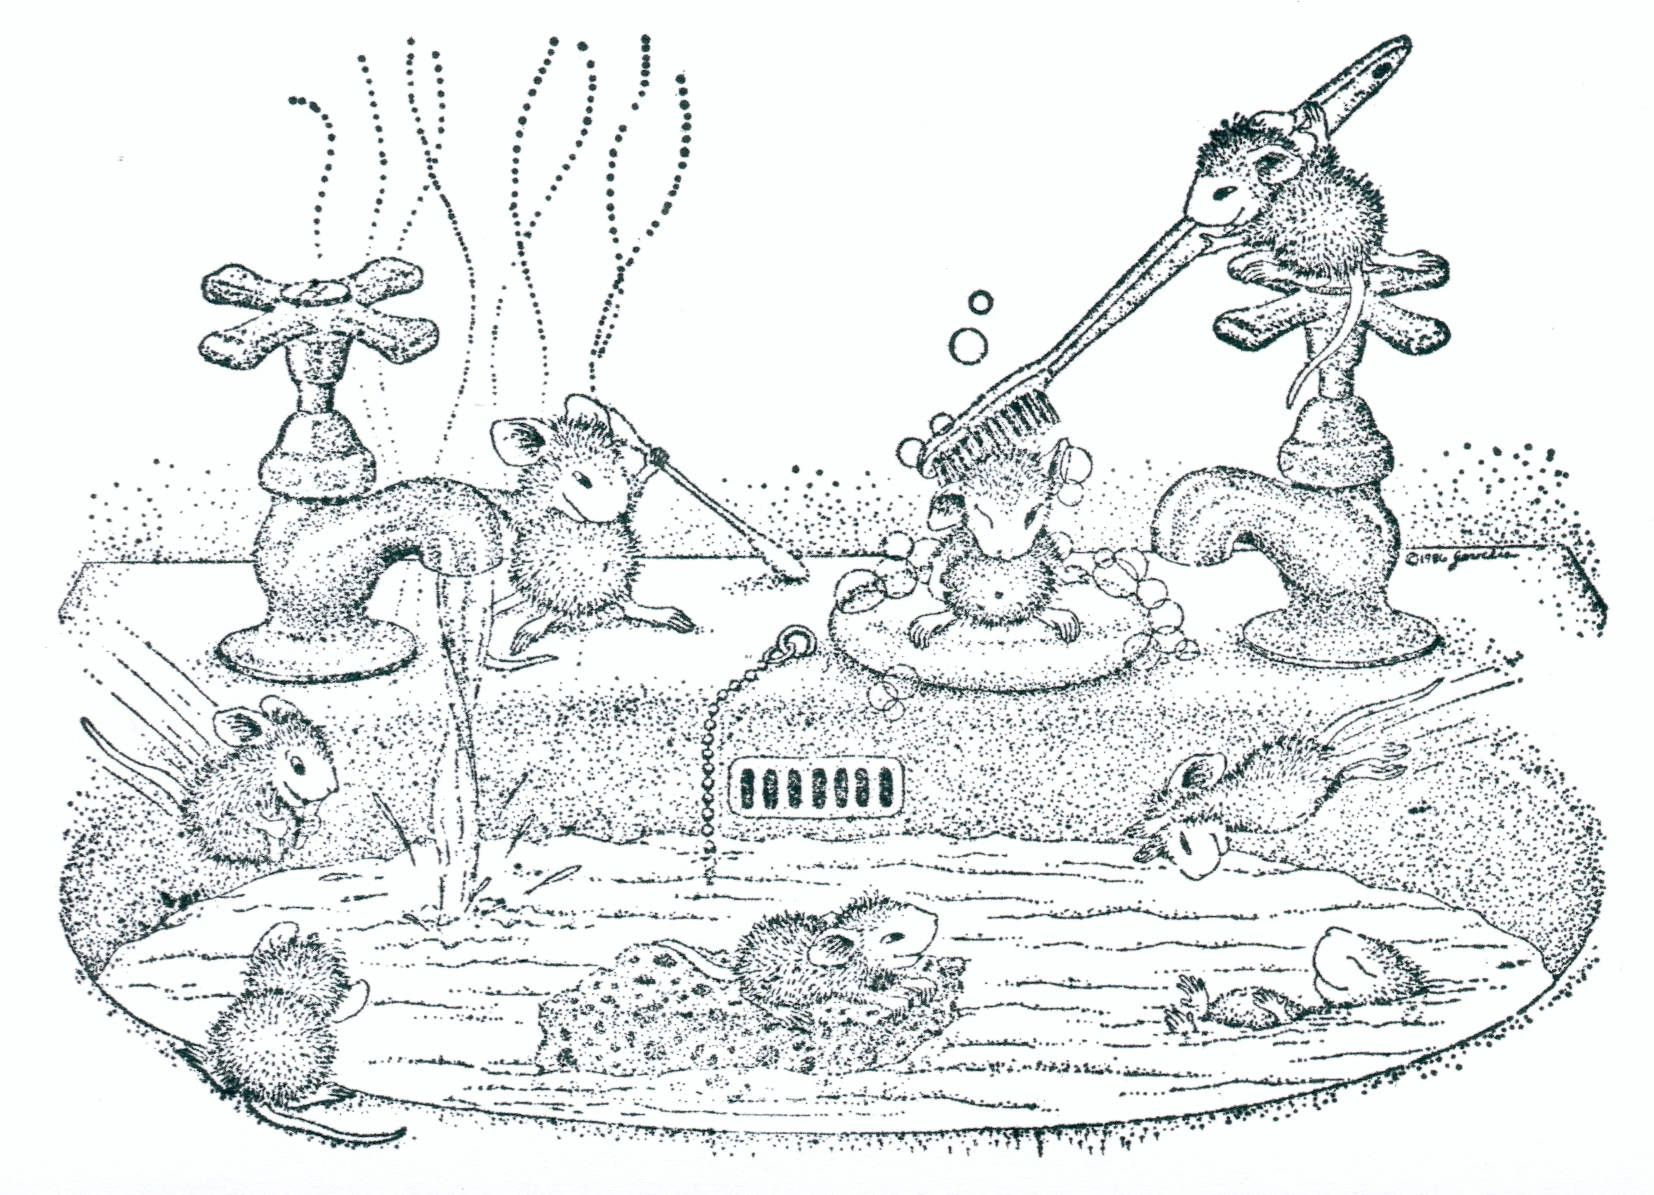 Pin von dafna doron auf Coloring Pages | Pinterest | Mäuse ...